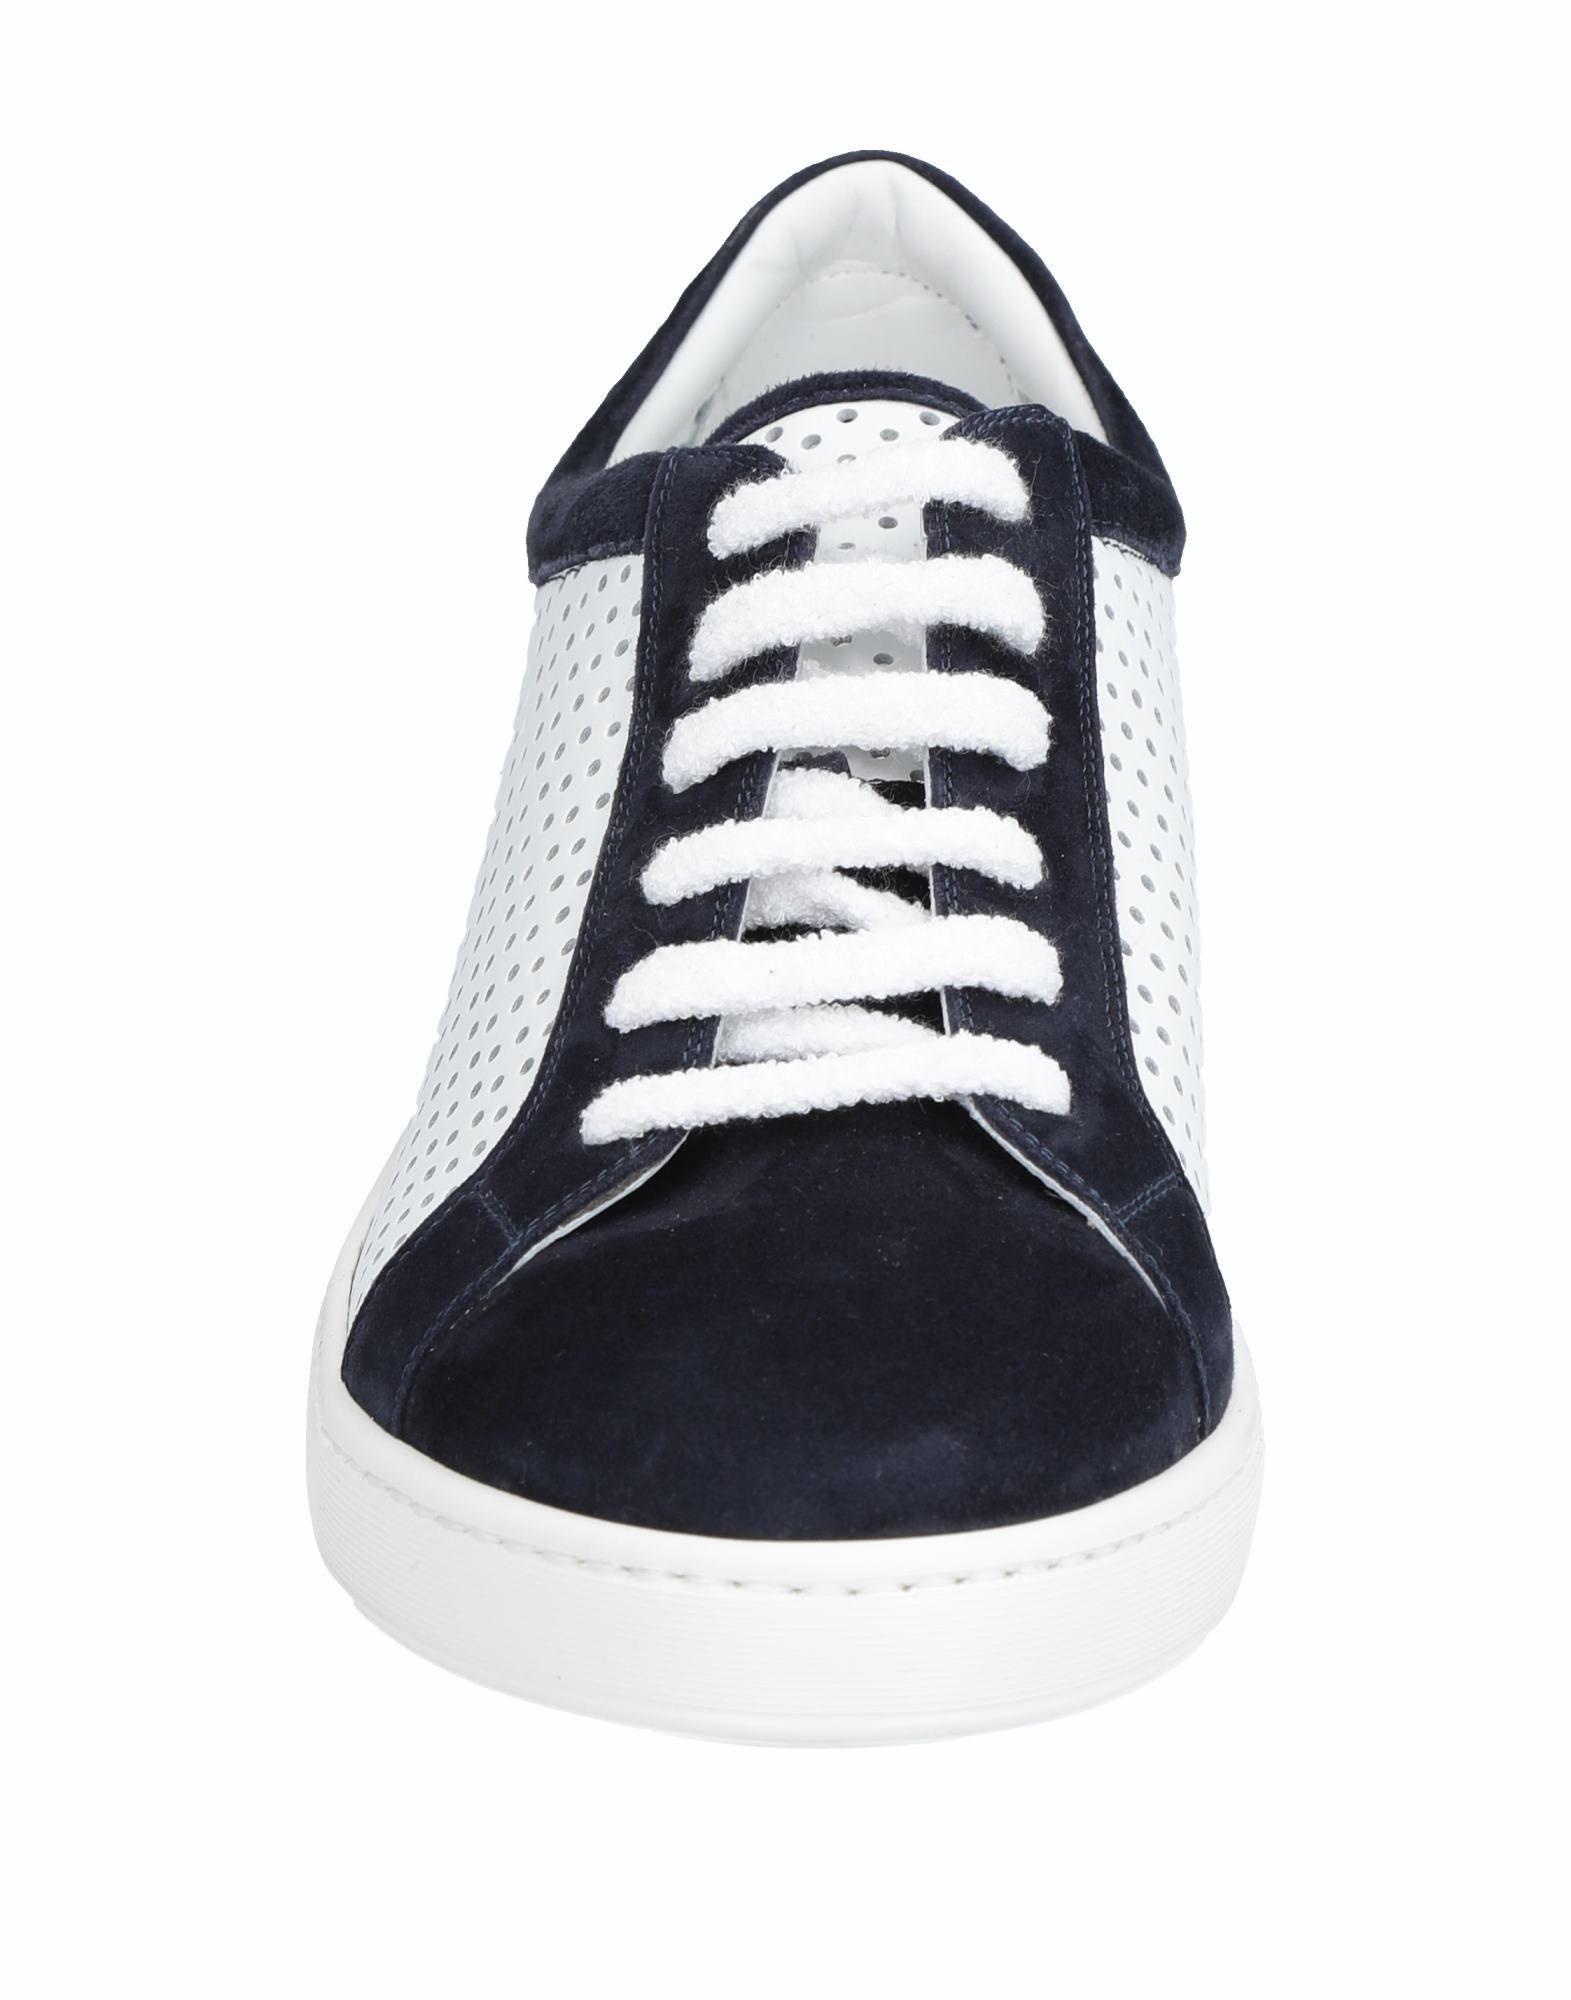 Kiton Sneakers Herren  11519764KS 11519764KS  e00c10